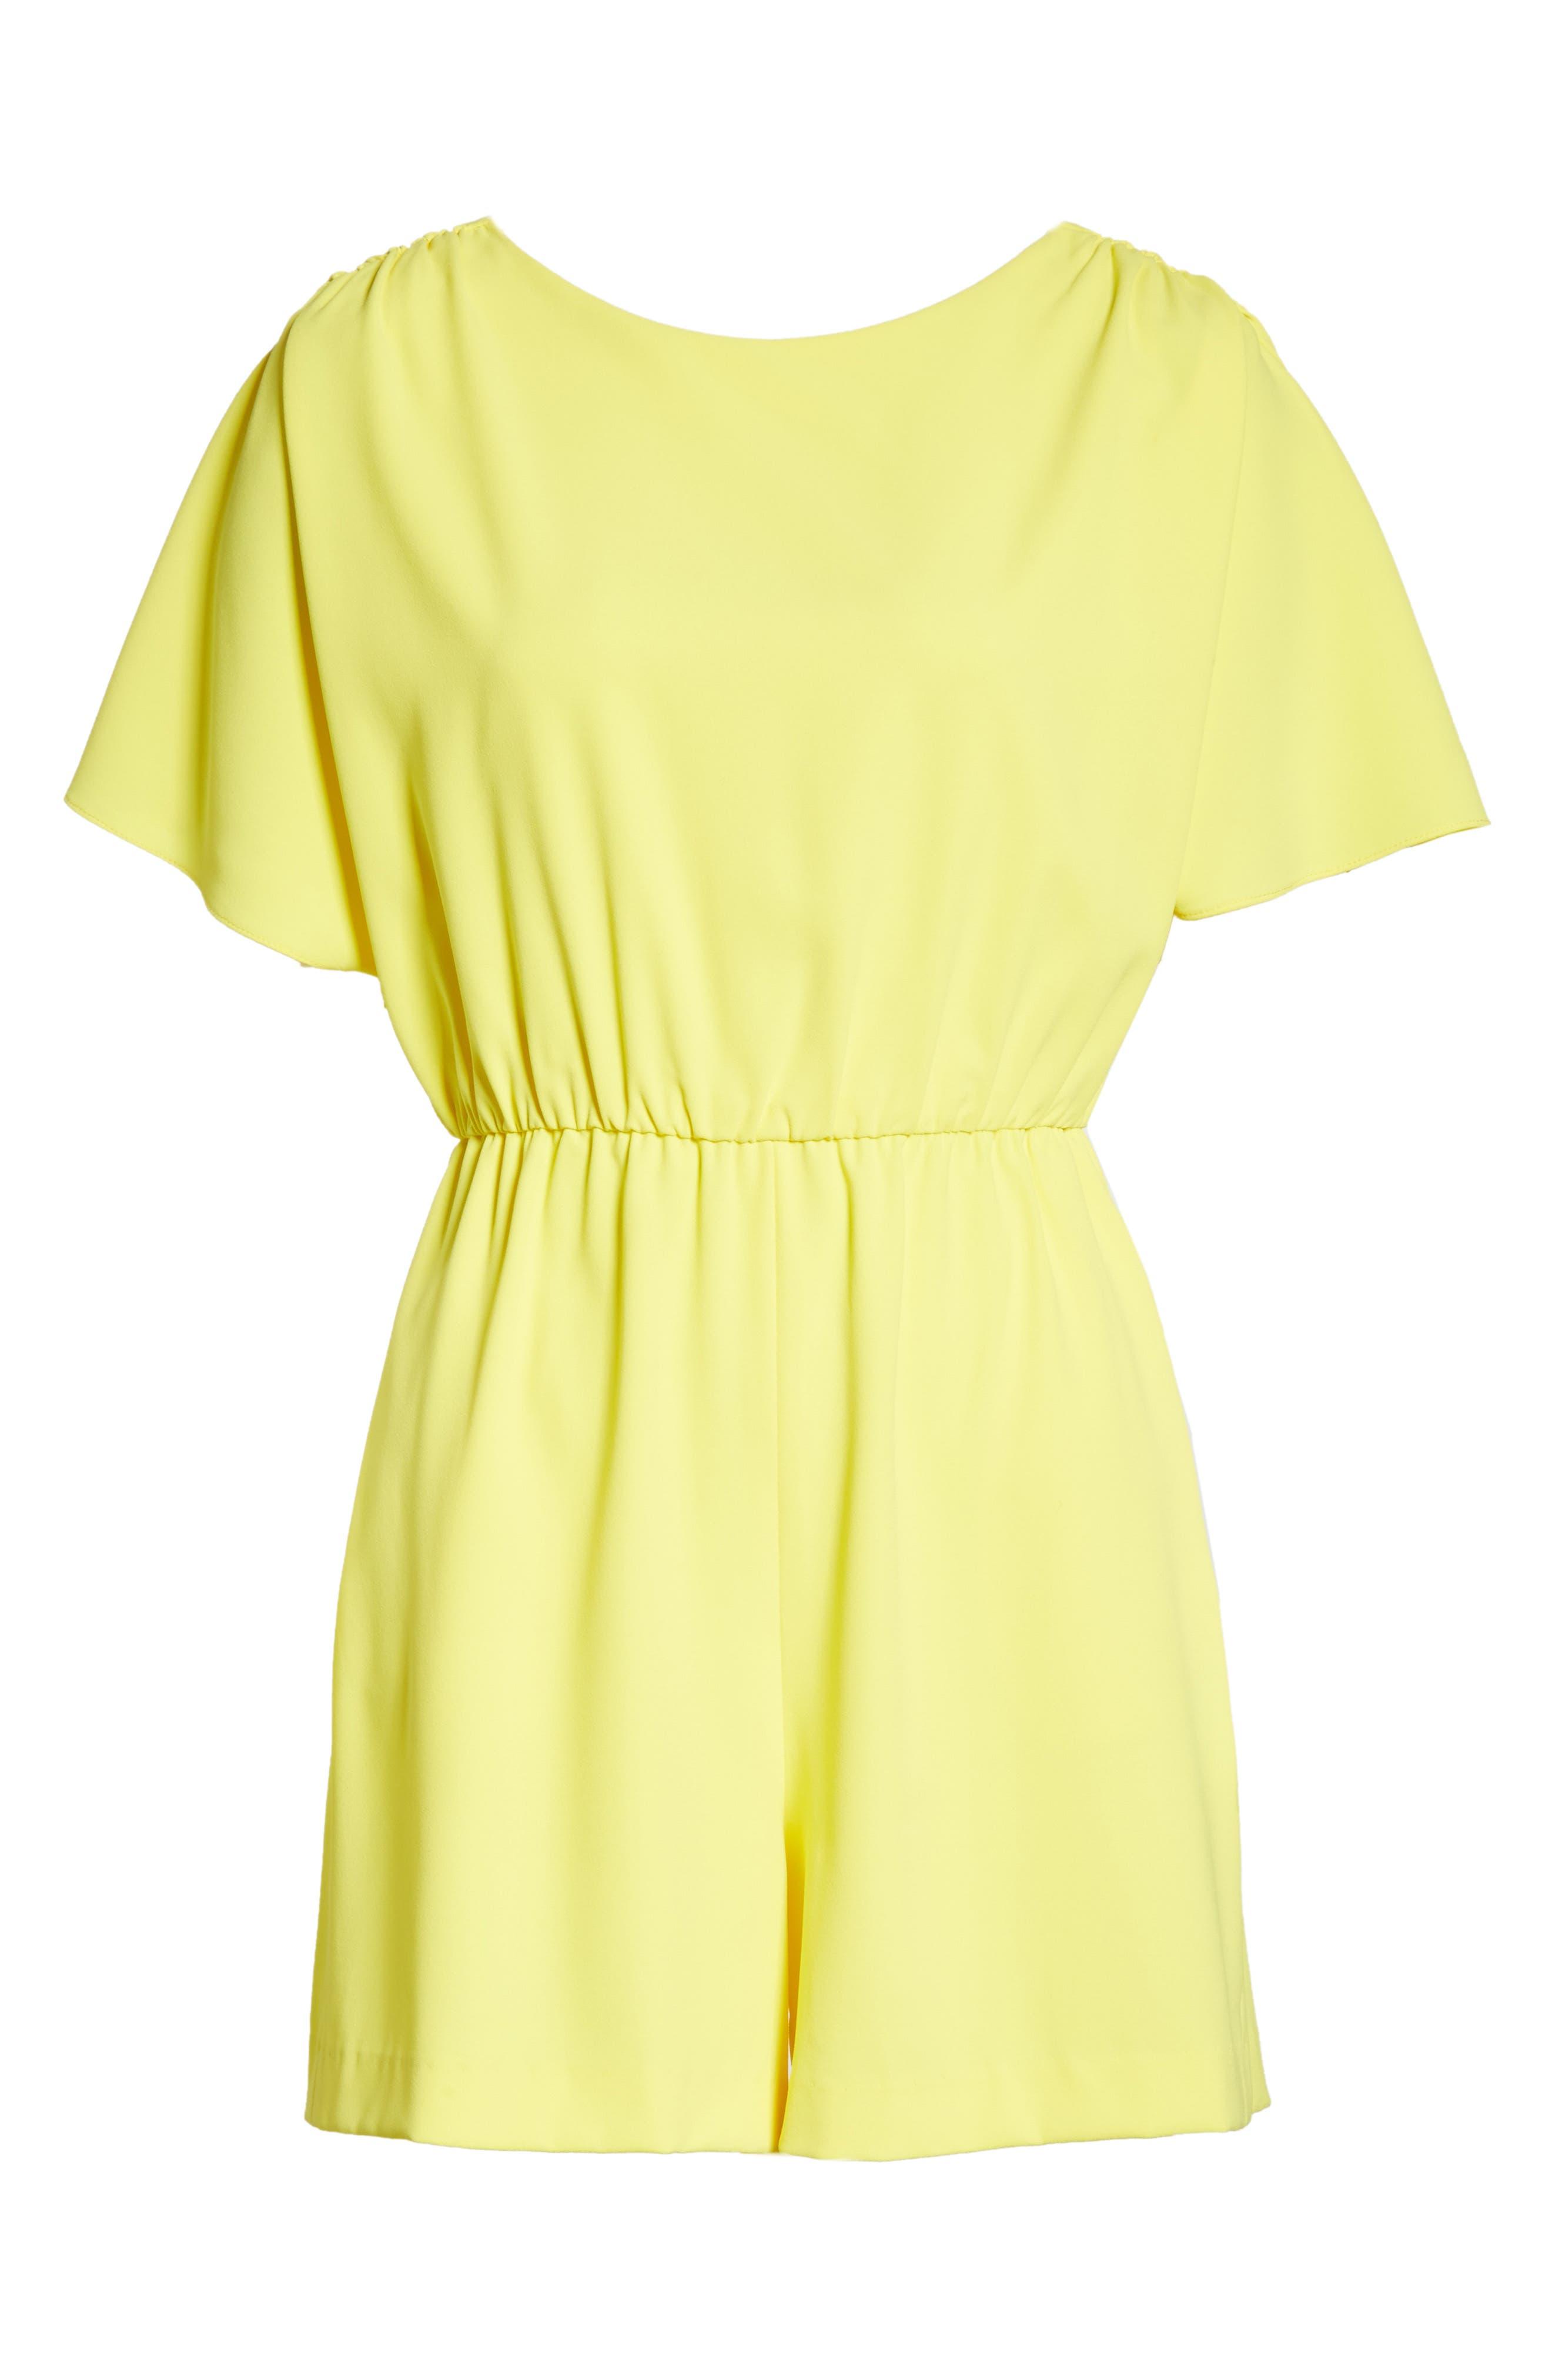 Ashlea Flutter Sleeve Romper,                             Alternate thumbnail 6, color,                             Lemon